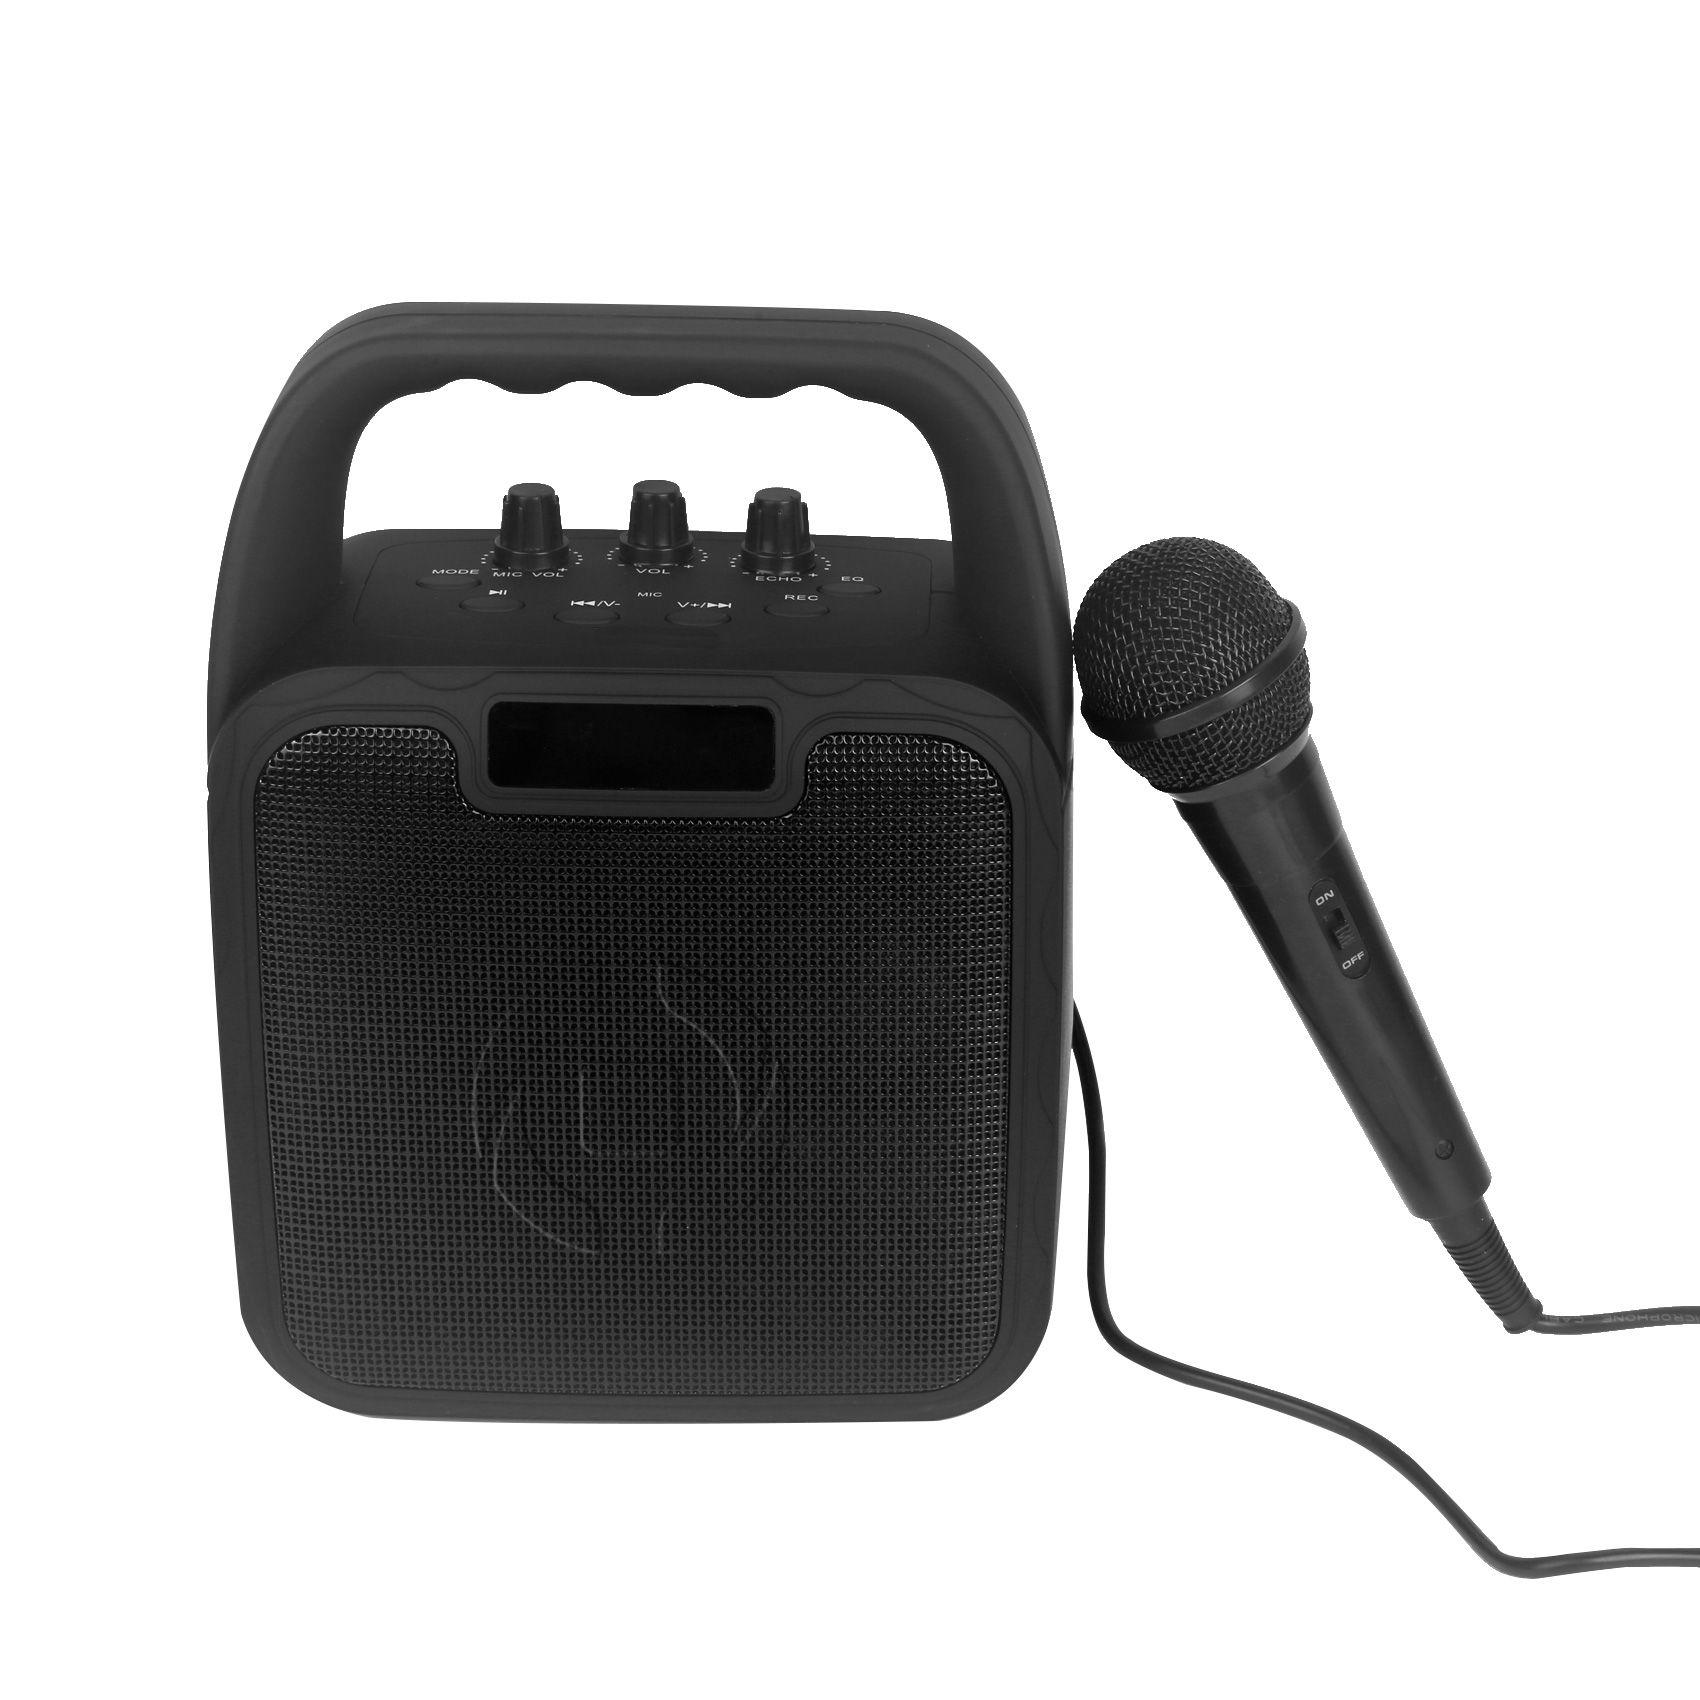 Bezdrátový reproduktor CELLY Party s karaoke mikrofonem, černý